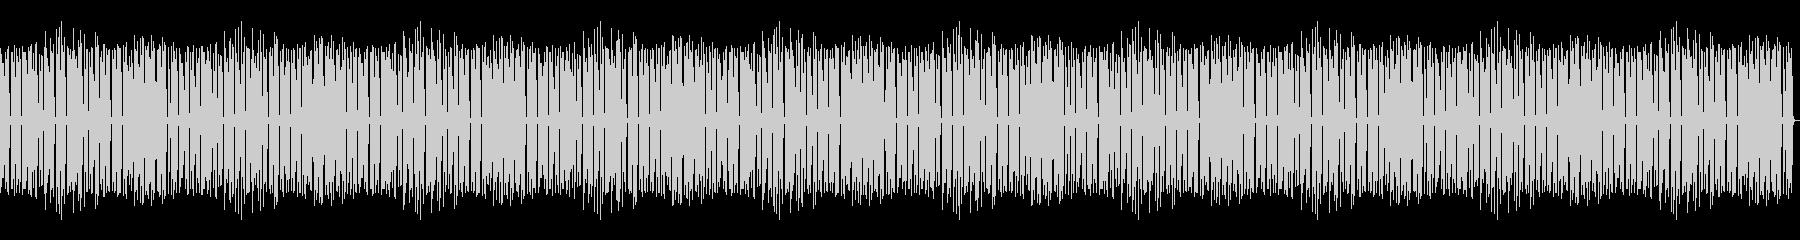 知育・ほのぼの・パズル・日常ピアノ42Lの未再生の波形